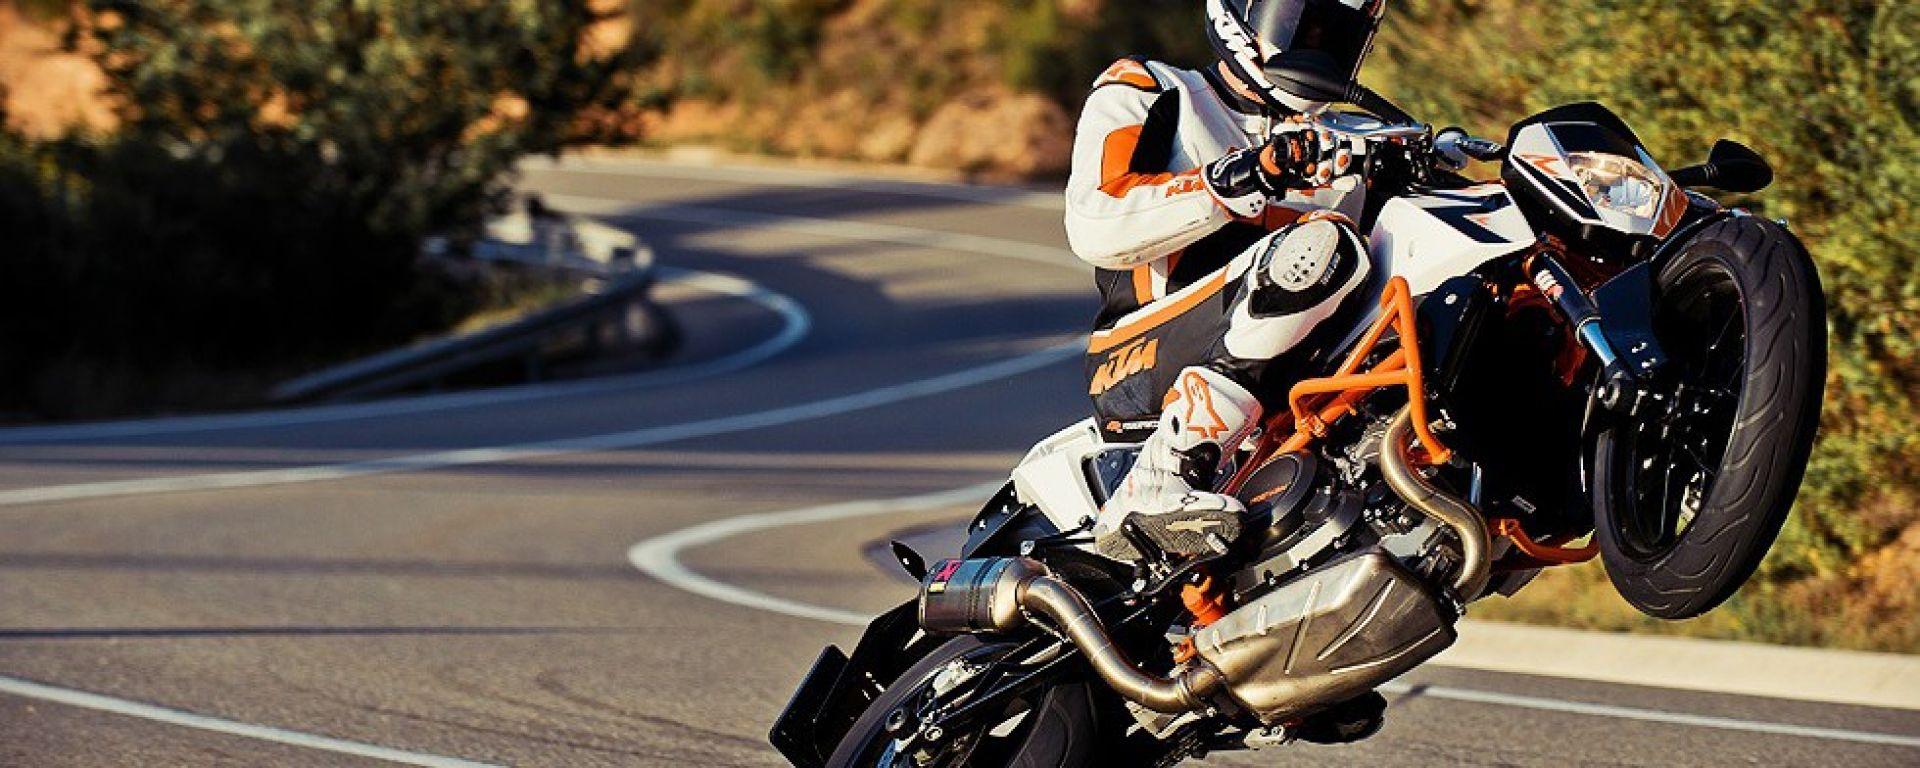 KTM 690 Duke R, nuove foto